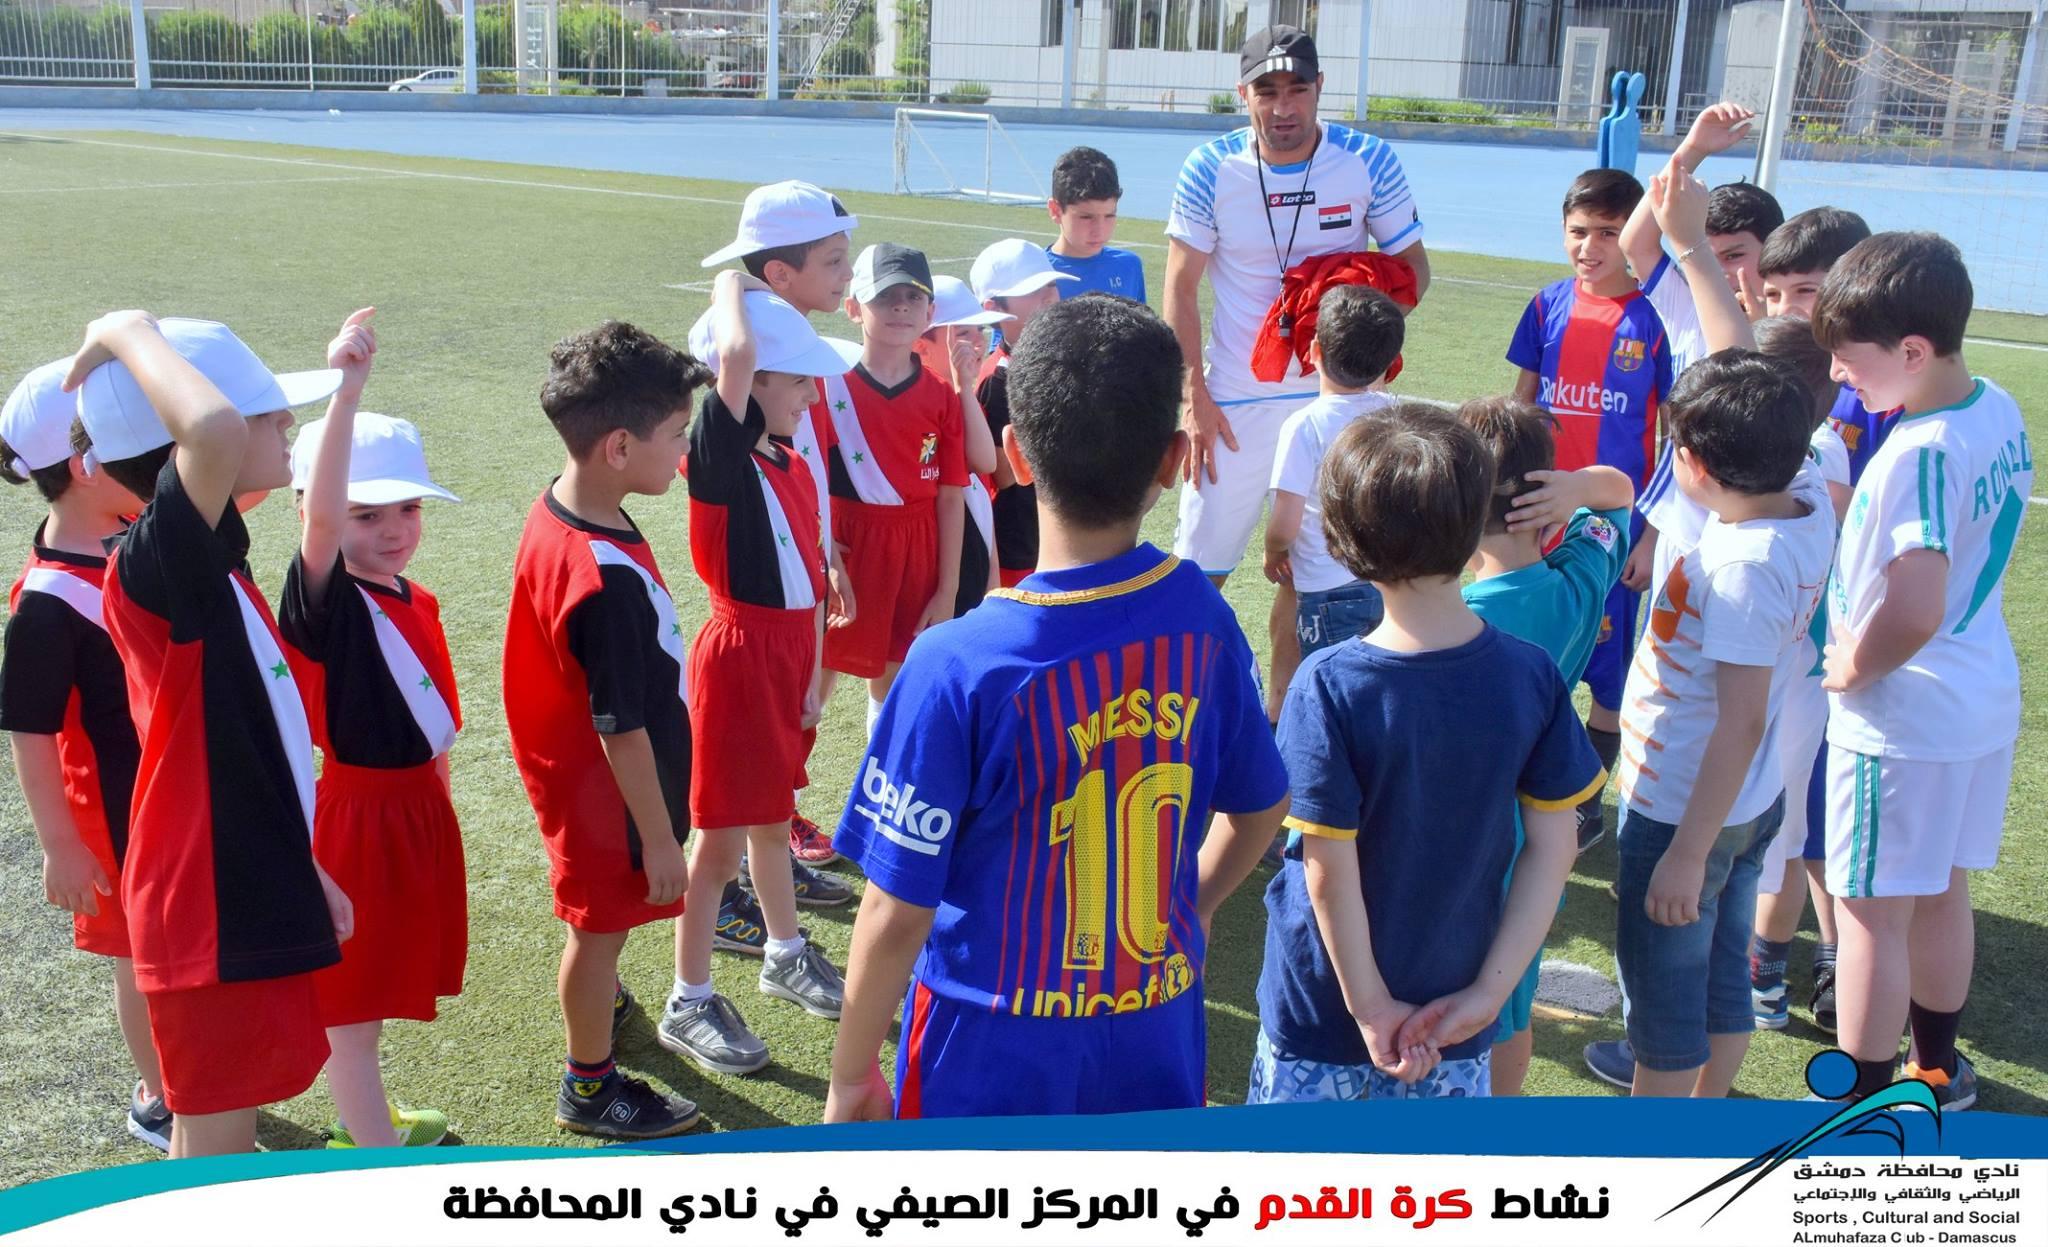 نشاط كرة القدم في المركز الصيفي في نادي المحافظة